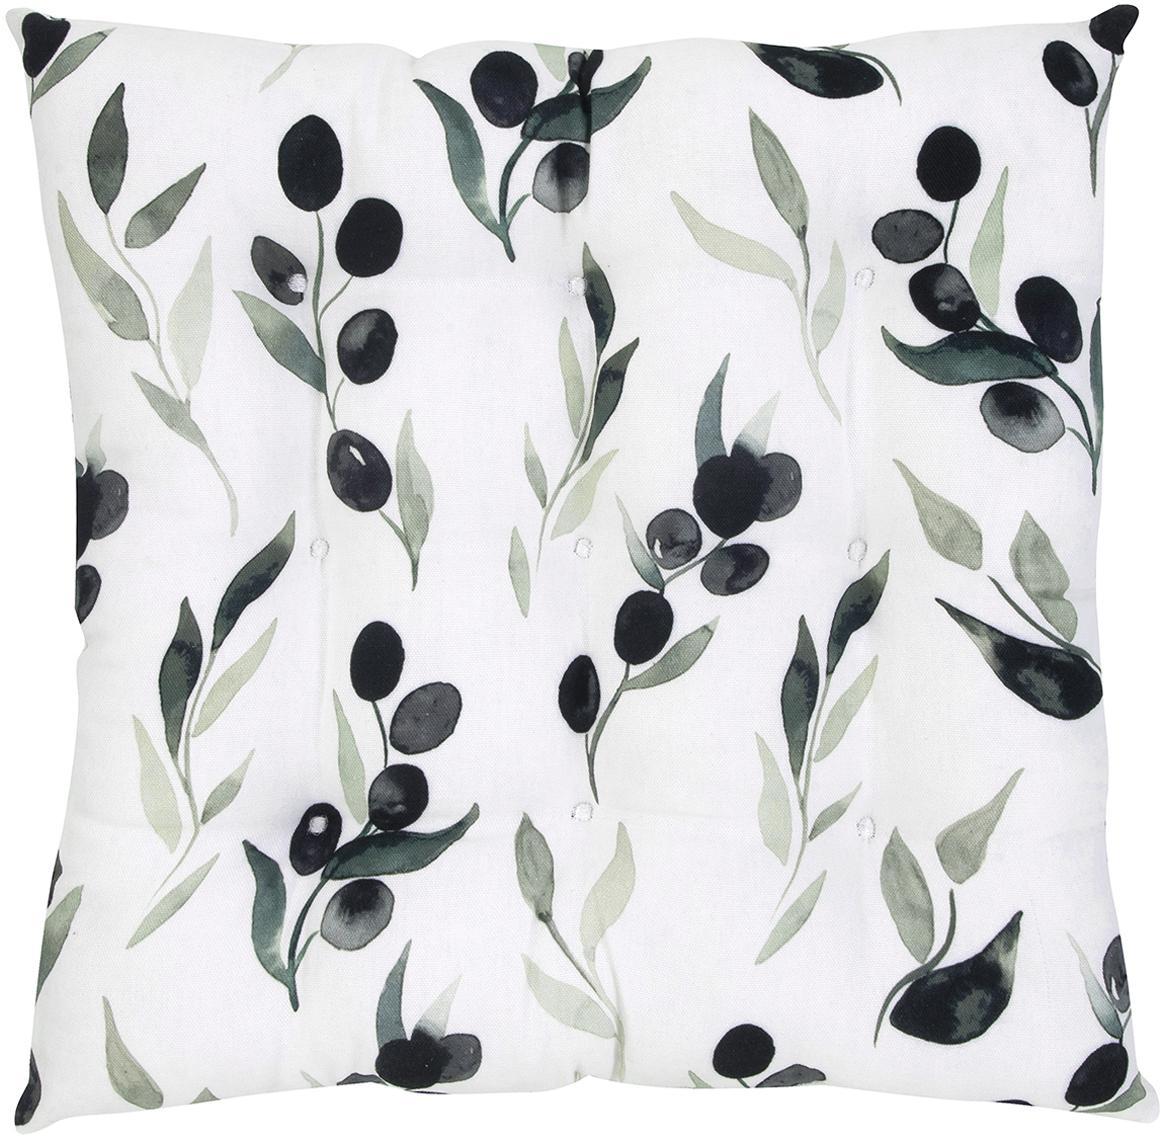 Cuscino sedia Oliva, Rivestimento: cotone, Bianco, grigio scuro, verde, Larg. 40 x Lung. 40 cm